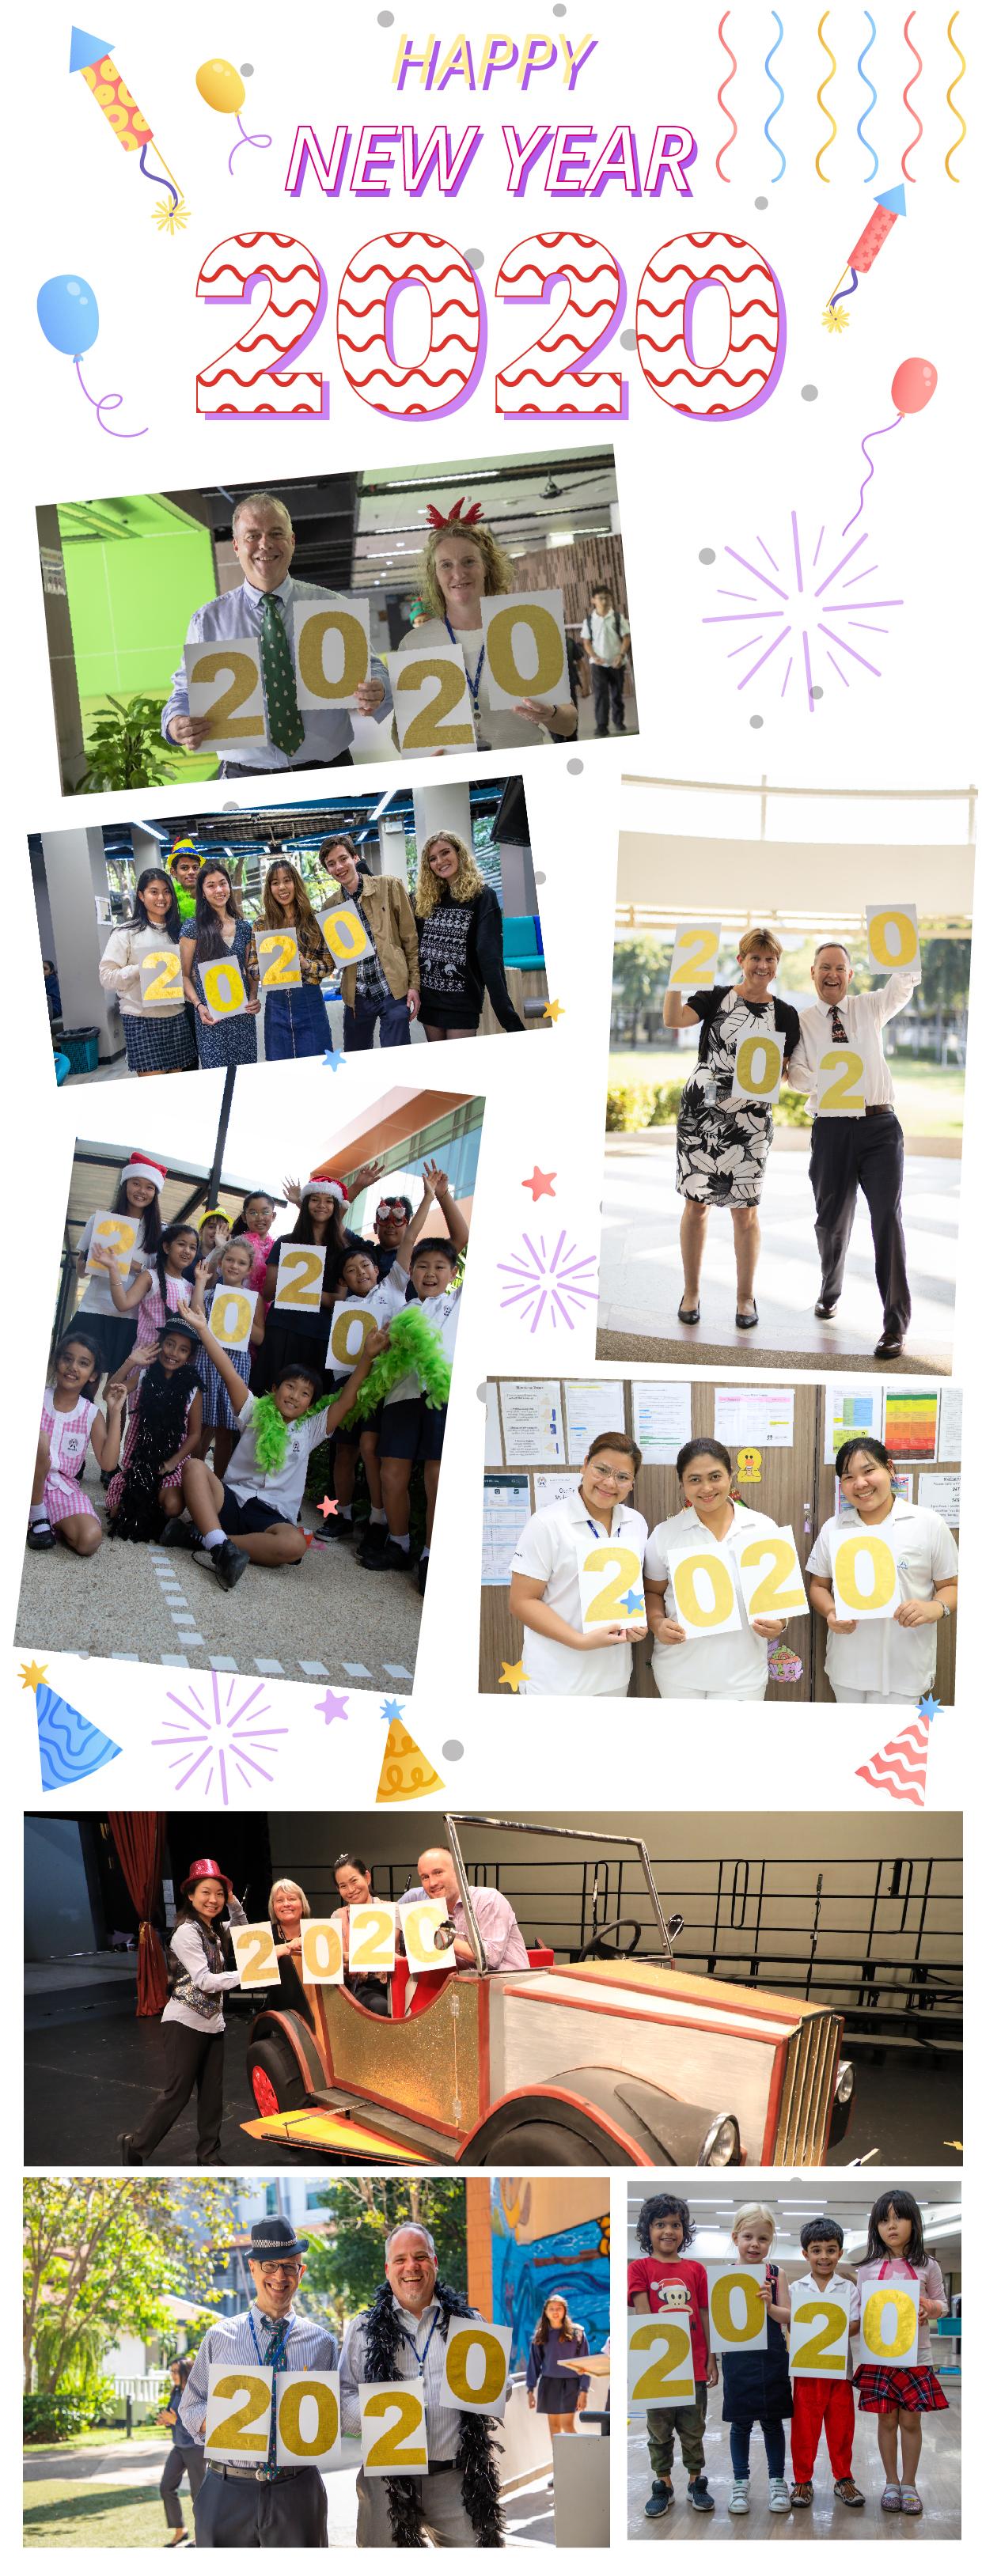 Happy New Year from Bangkok Patana school!